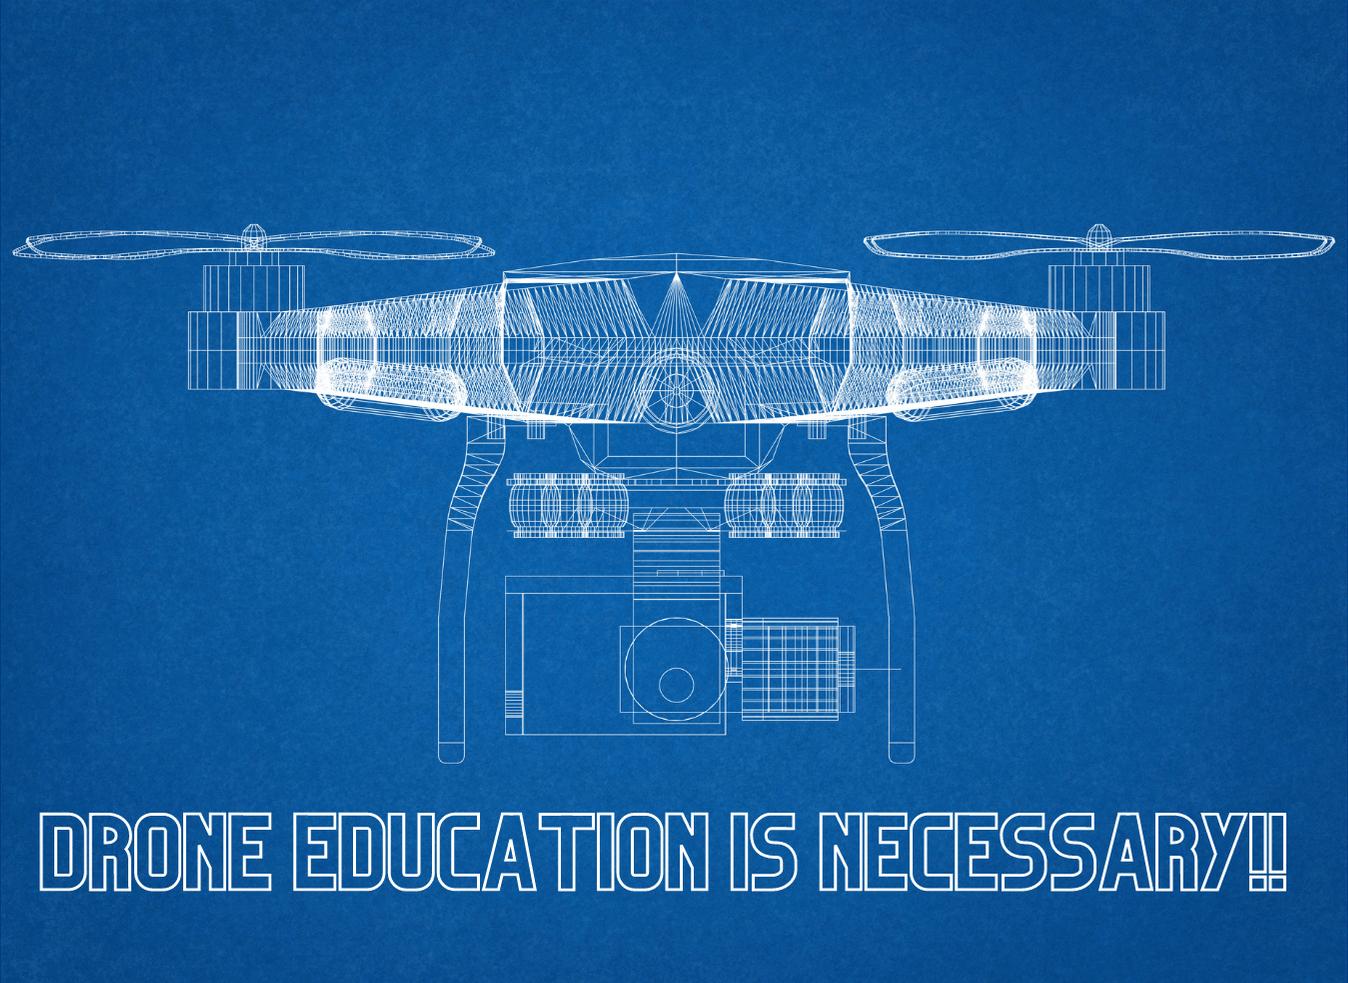 無人機教育